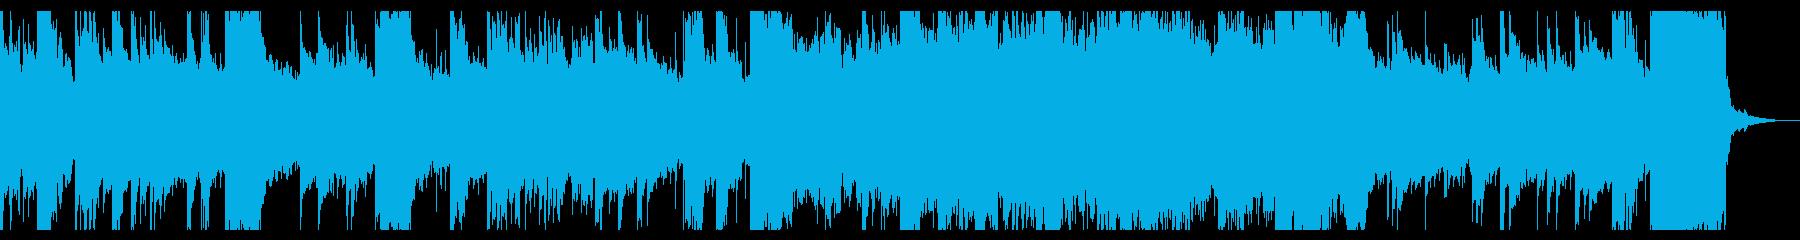 ハープの音色が心地よいアンビエントの再生済みの波形